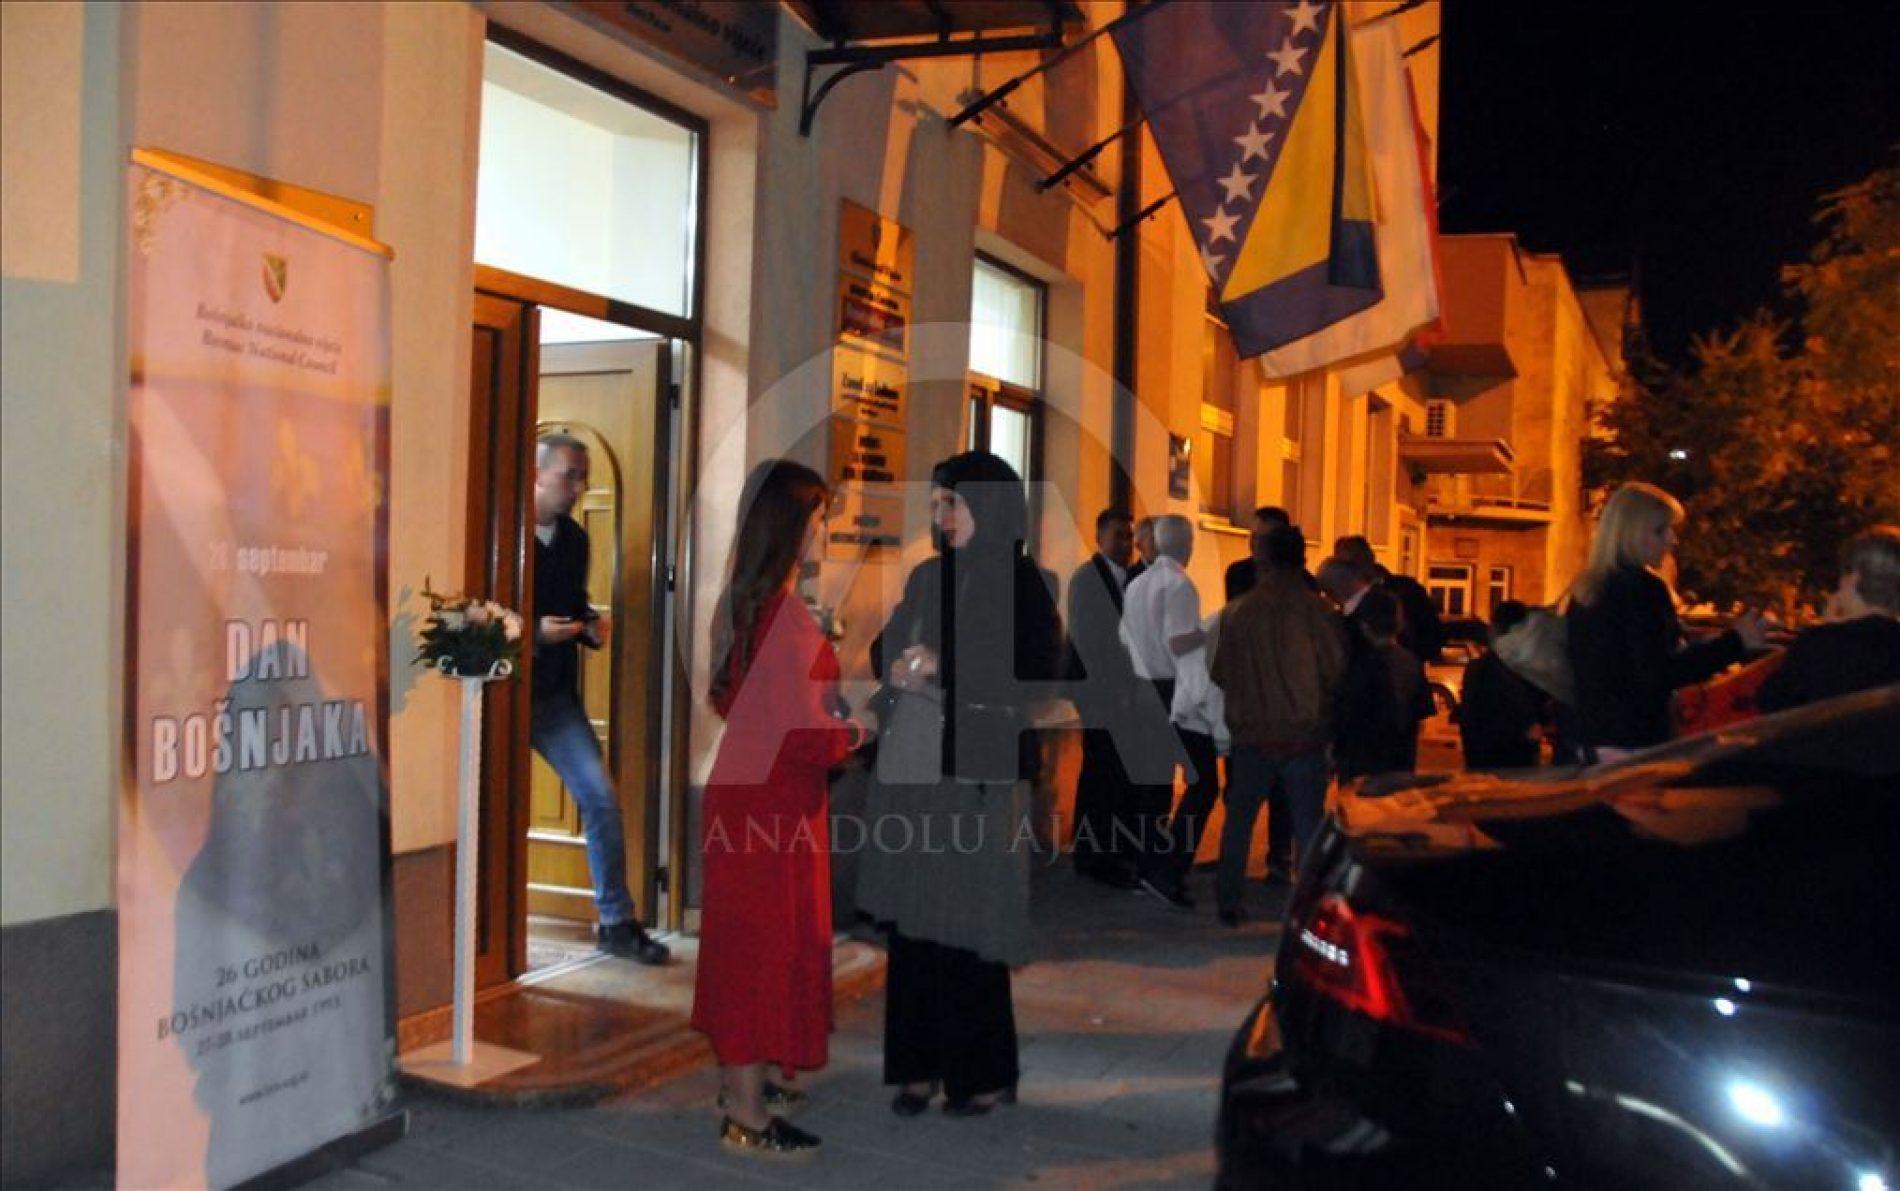 Sandžak: Bošnjačko nacionalno vijeće obilježilo 28. septembar – Dan Bošnjaka